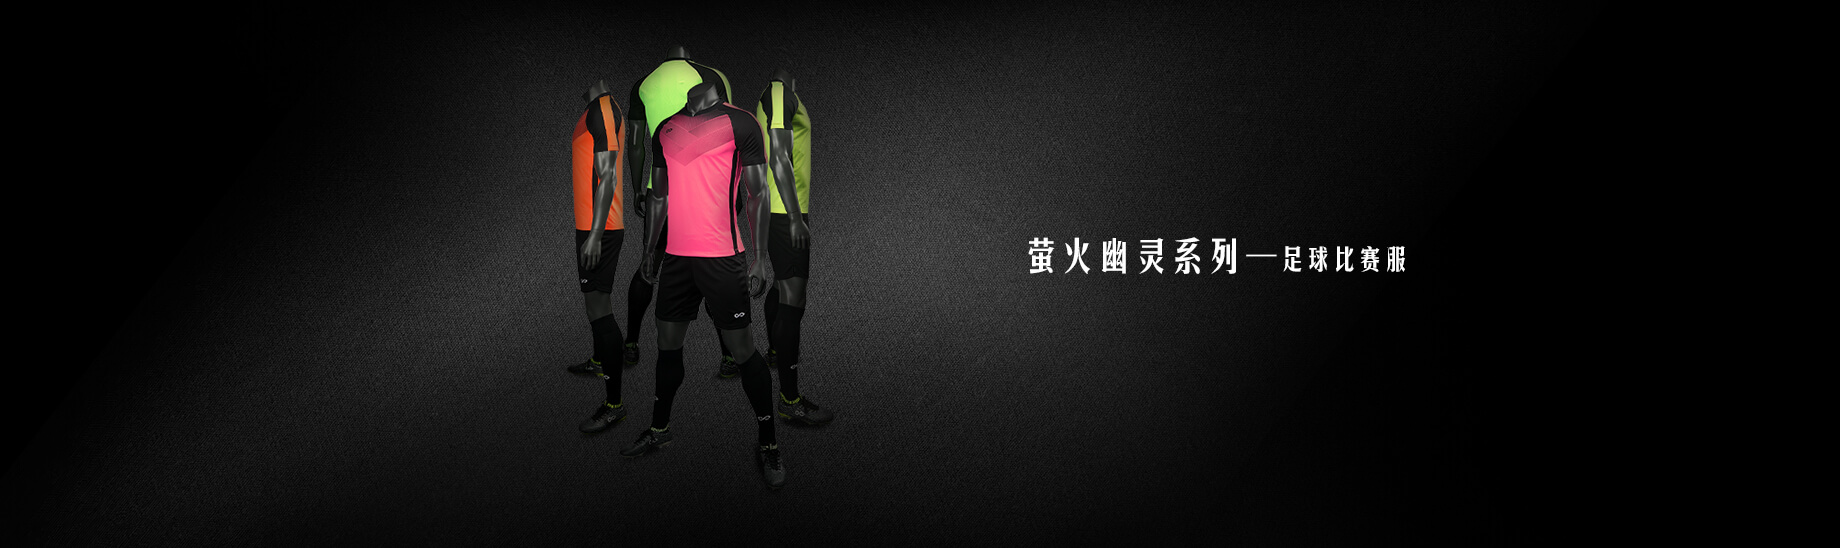 螢火幽靈系列足球比賽服